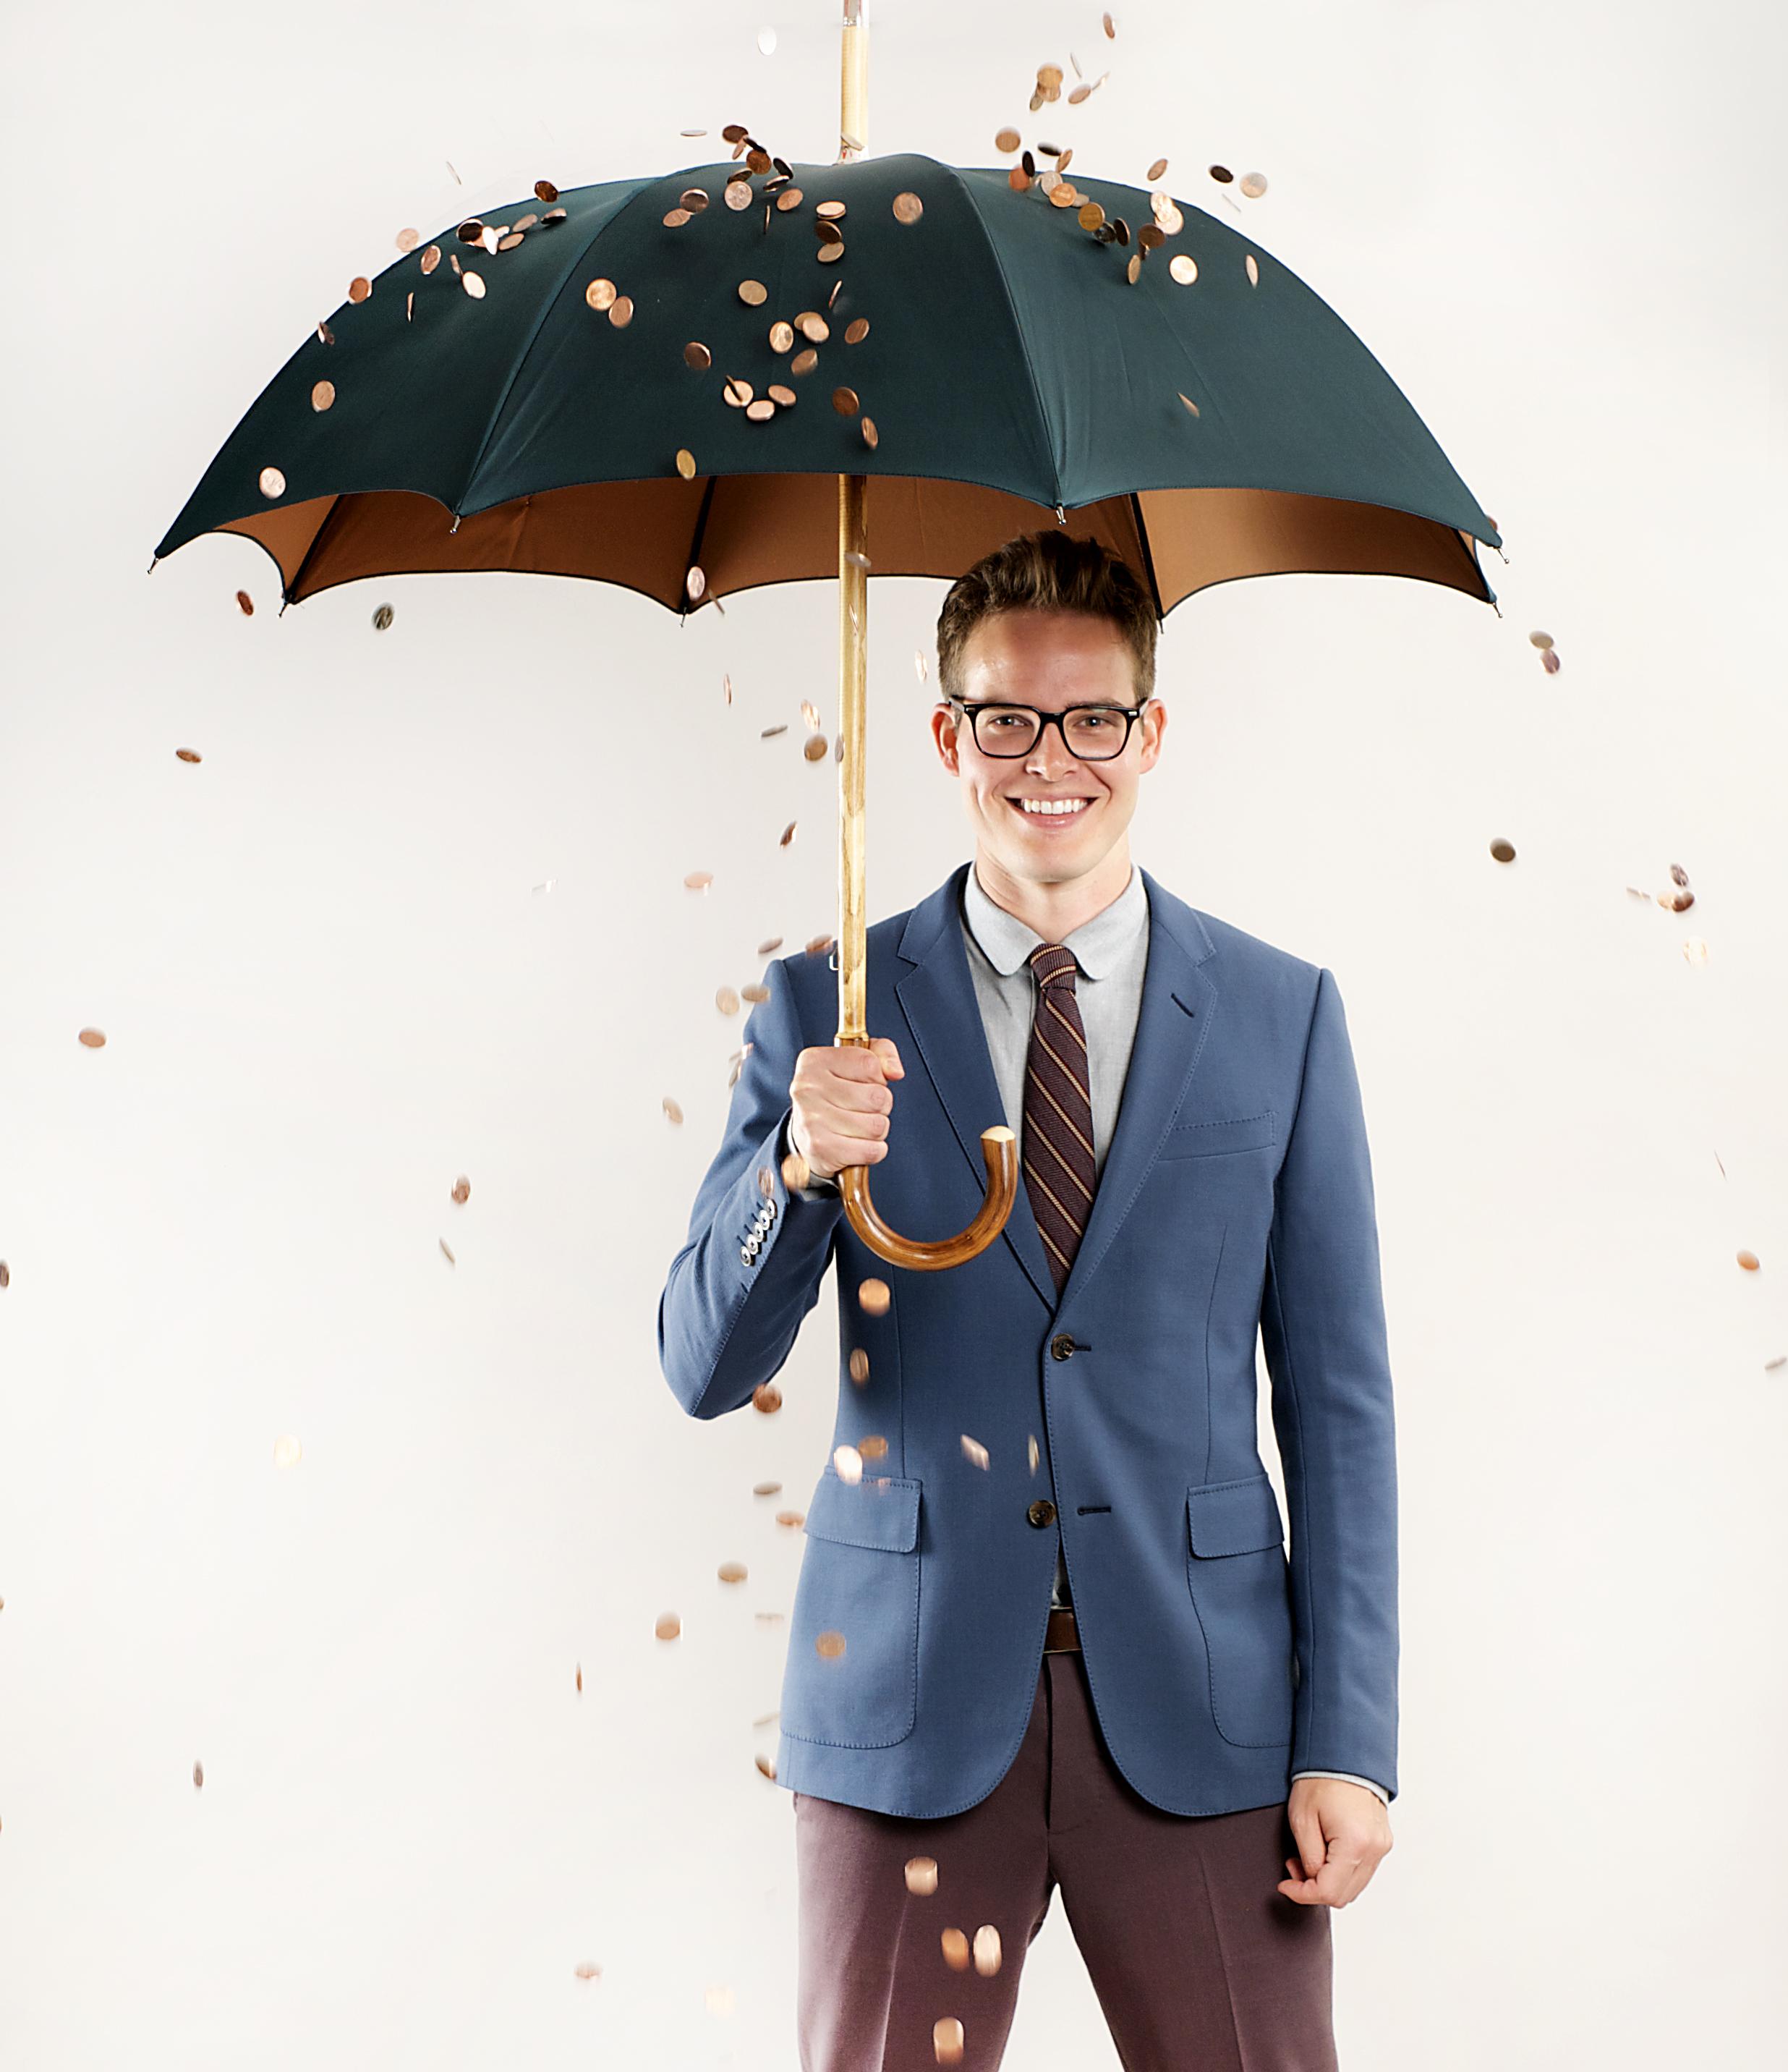 penny-umbrella-commercial-marketing-investor-florida.jpg